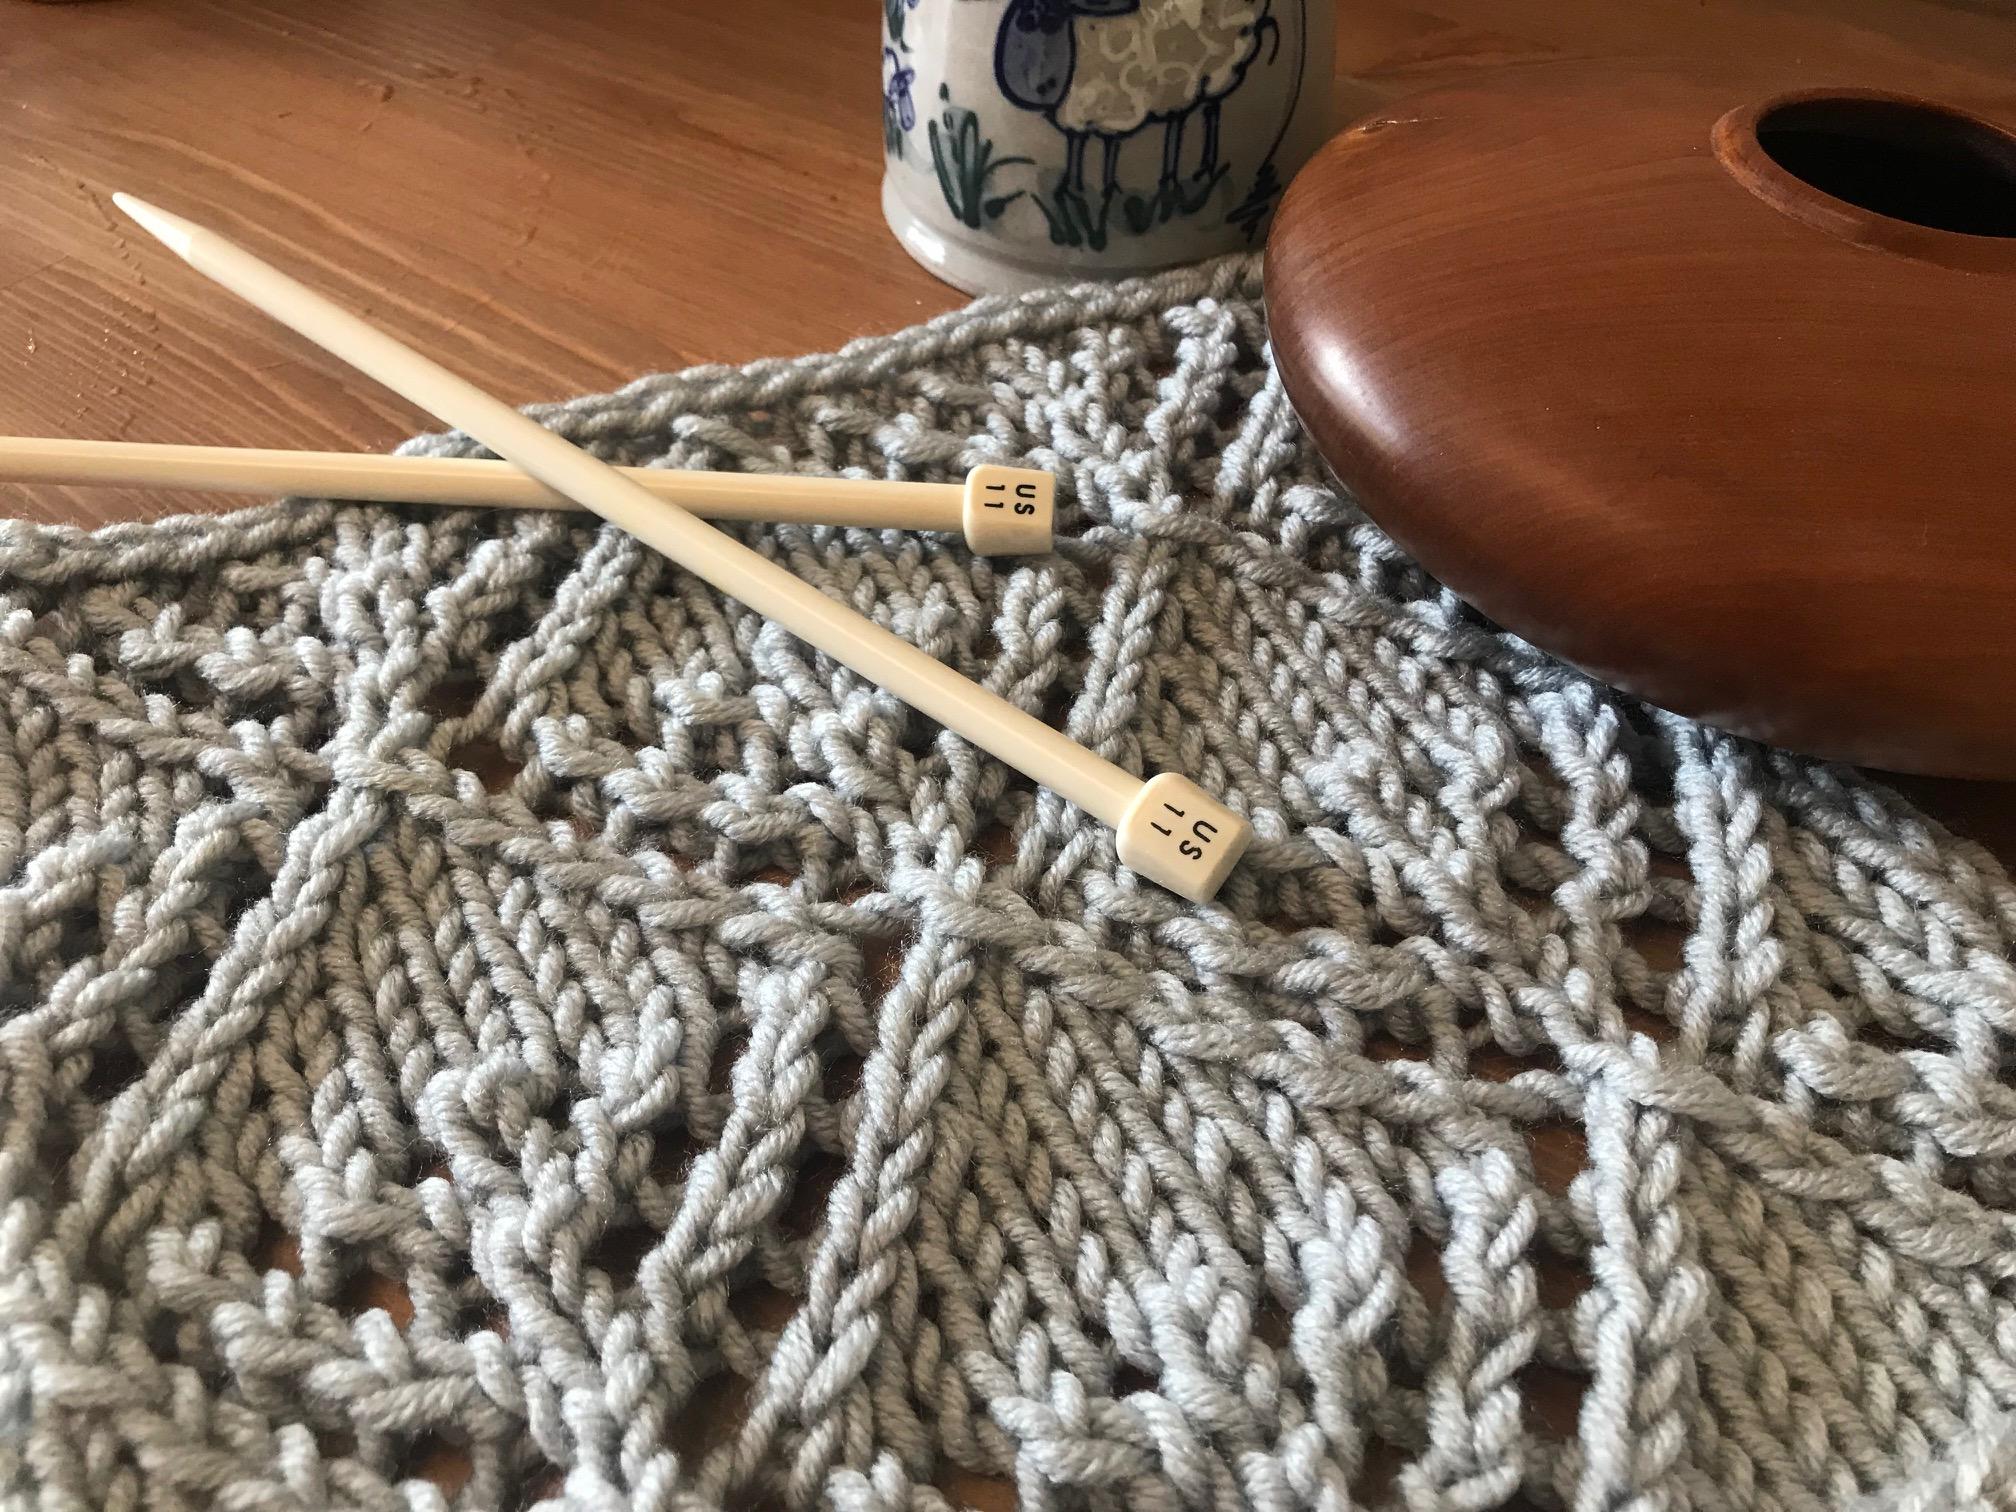 knit stitch, lace stitch, knitting pattern, lace pattern, winter lace